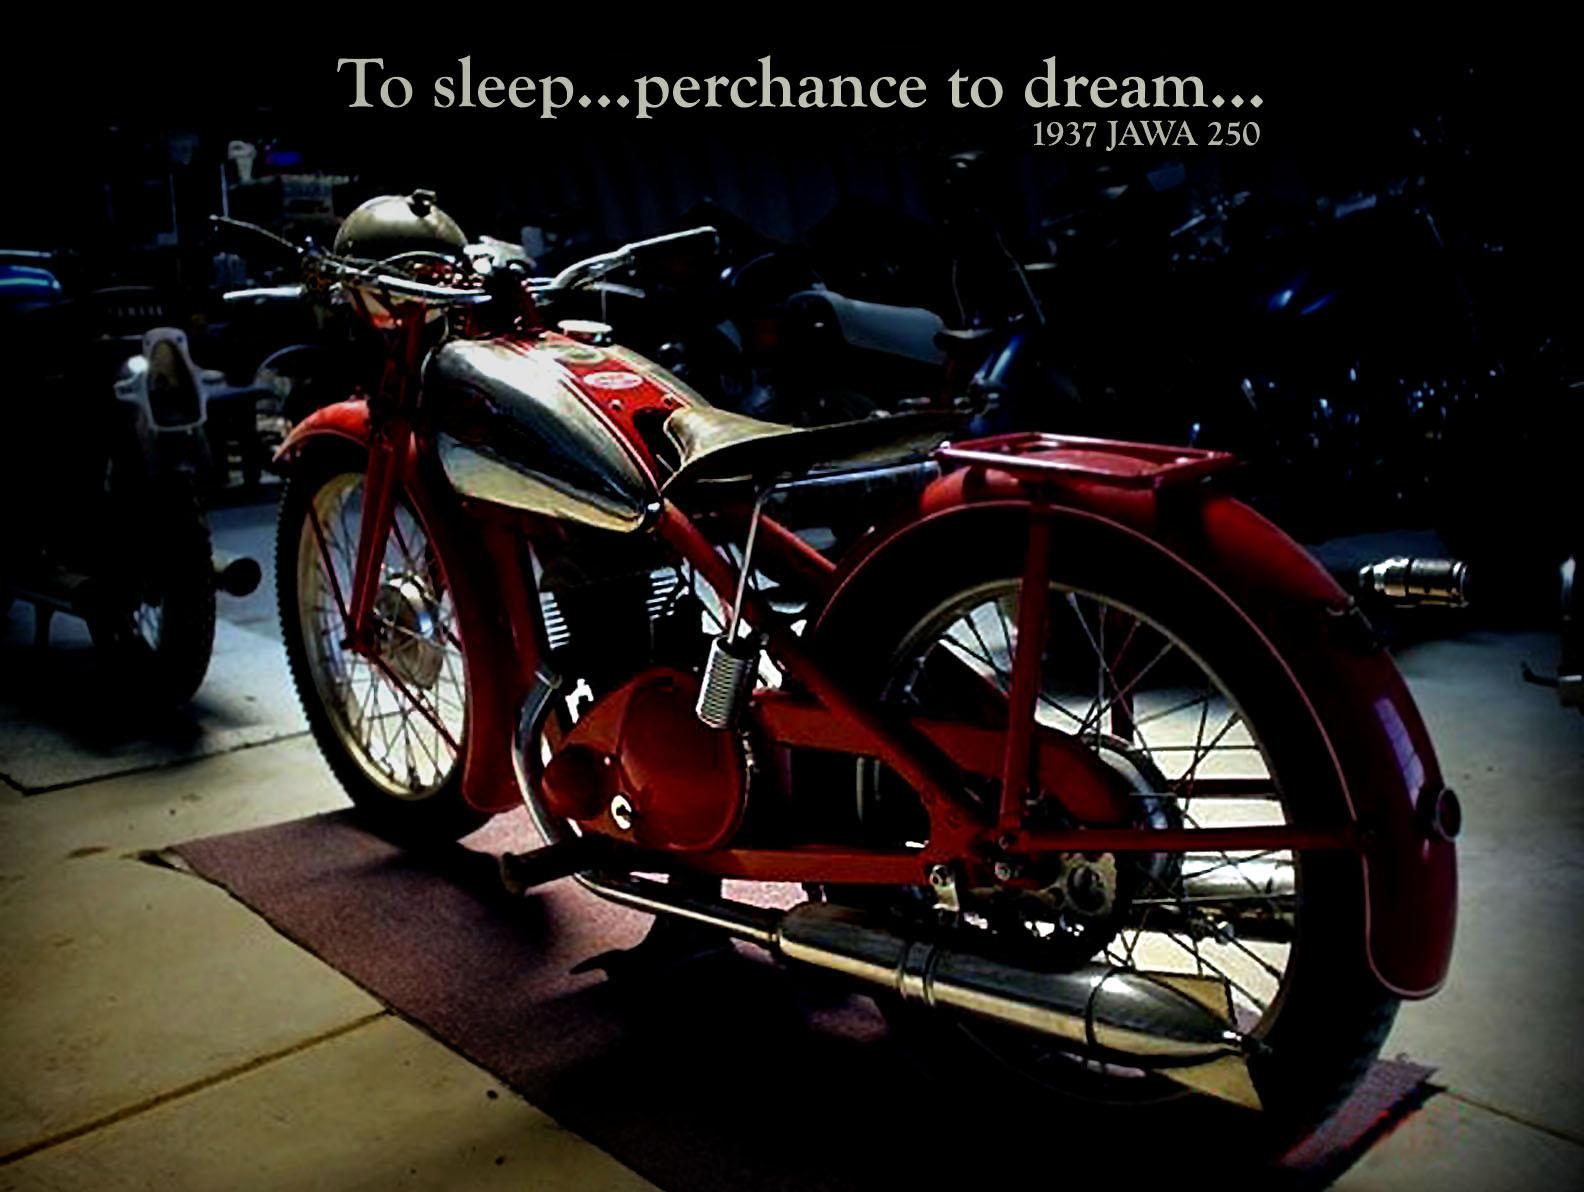 Motorcycle in dark room.